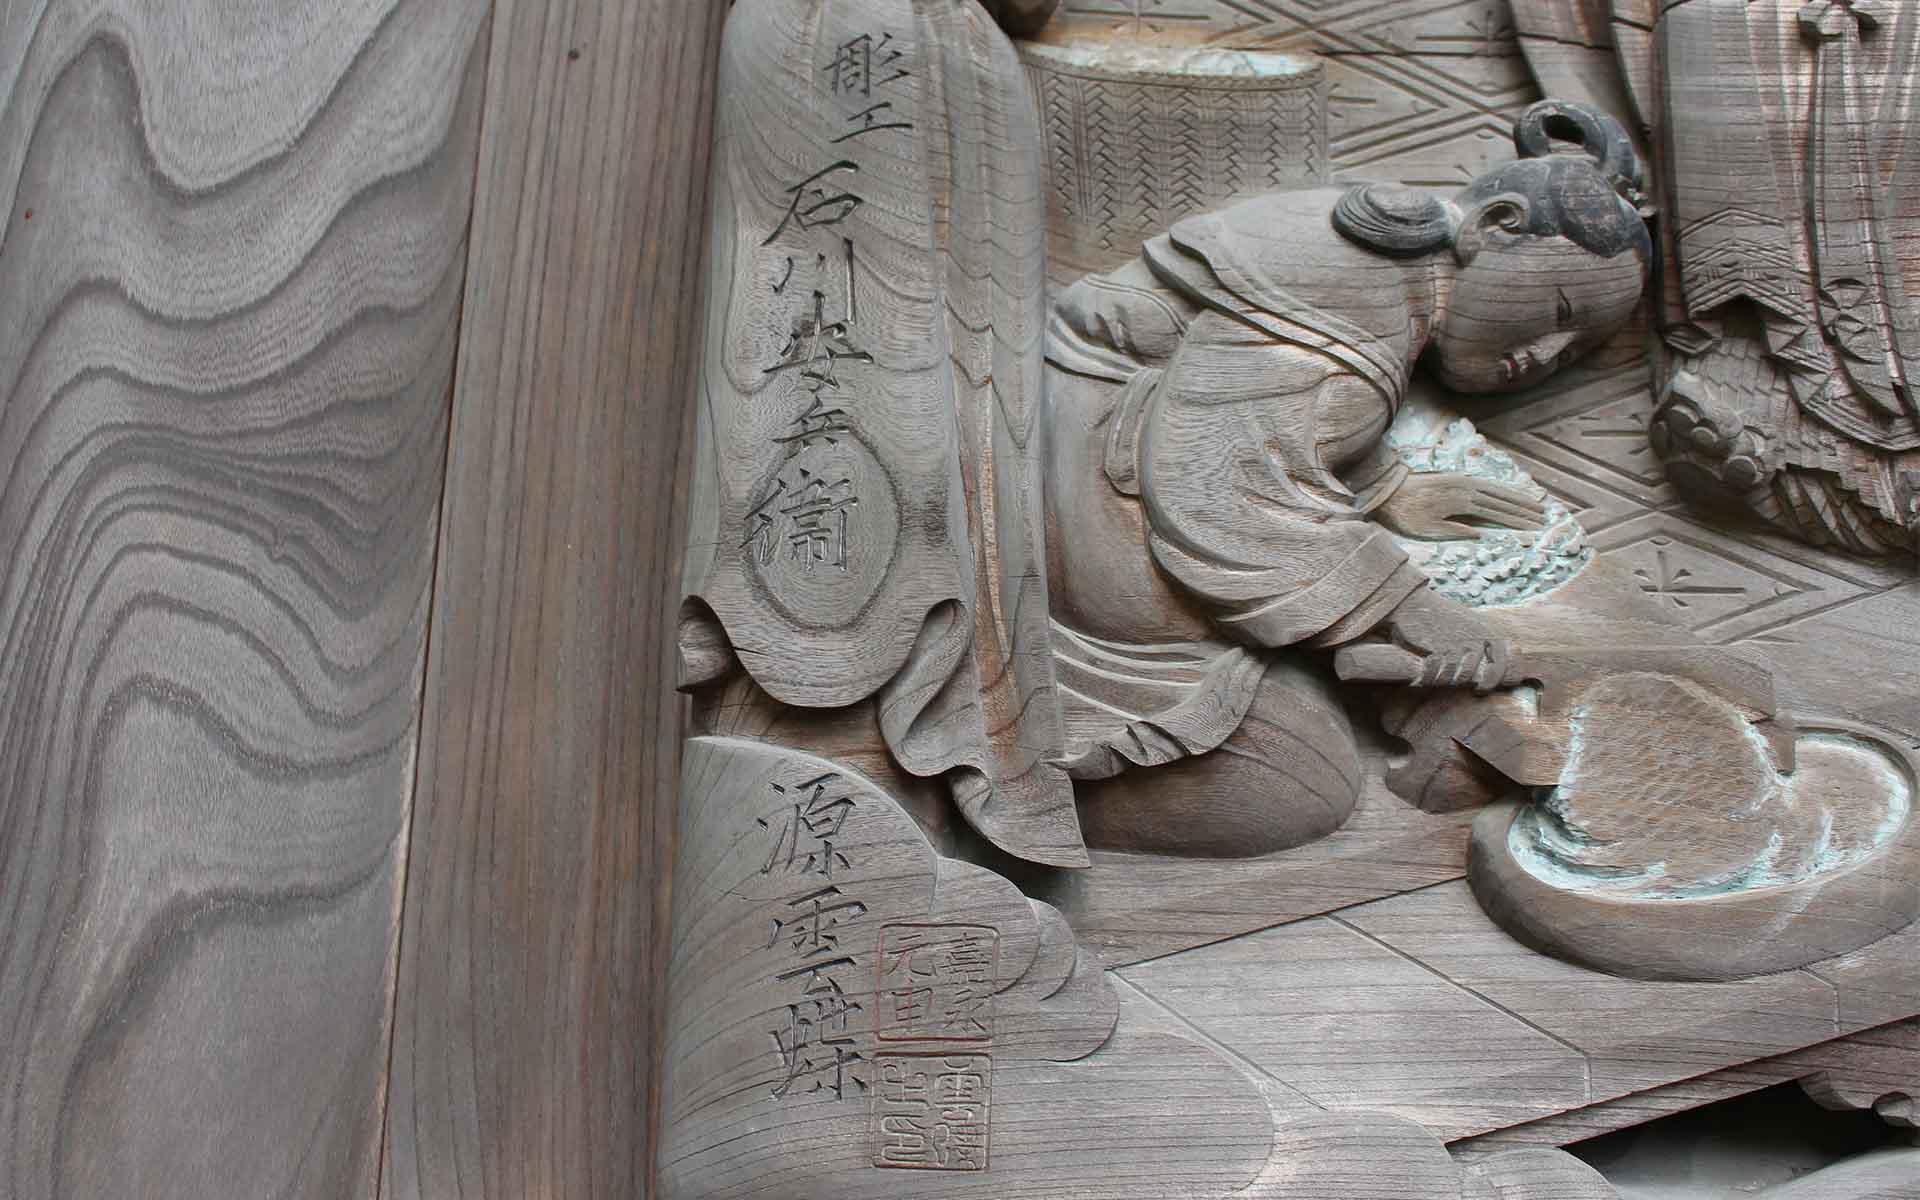 雲蝶の刻印。お堂は現在、鞘堂(さやどう・雨風から守るためのもの)の中に入っているが、以前は雨、風、雪にさらされていた